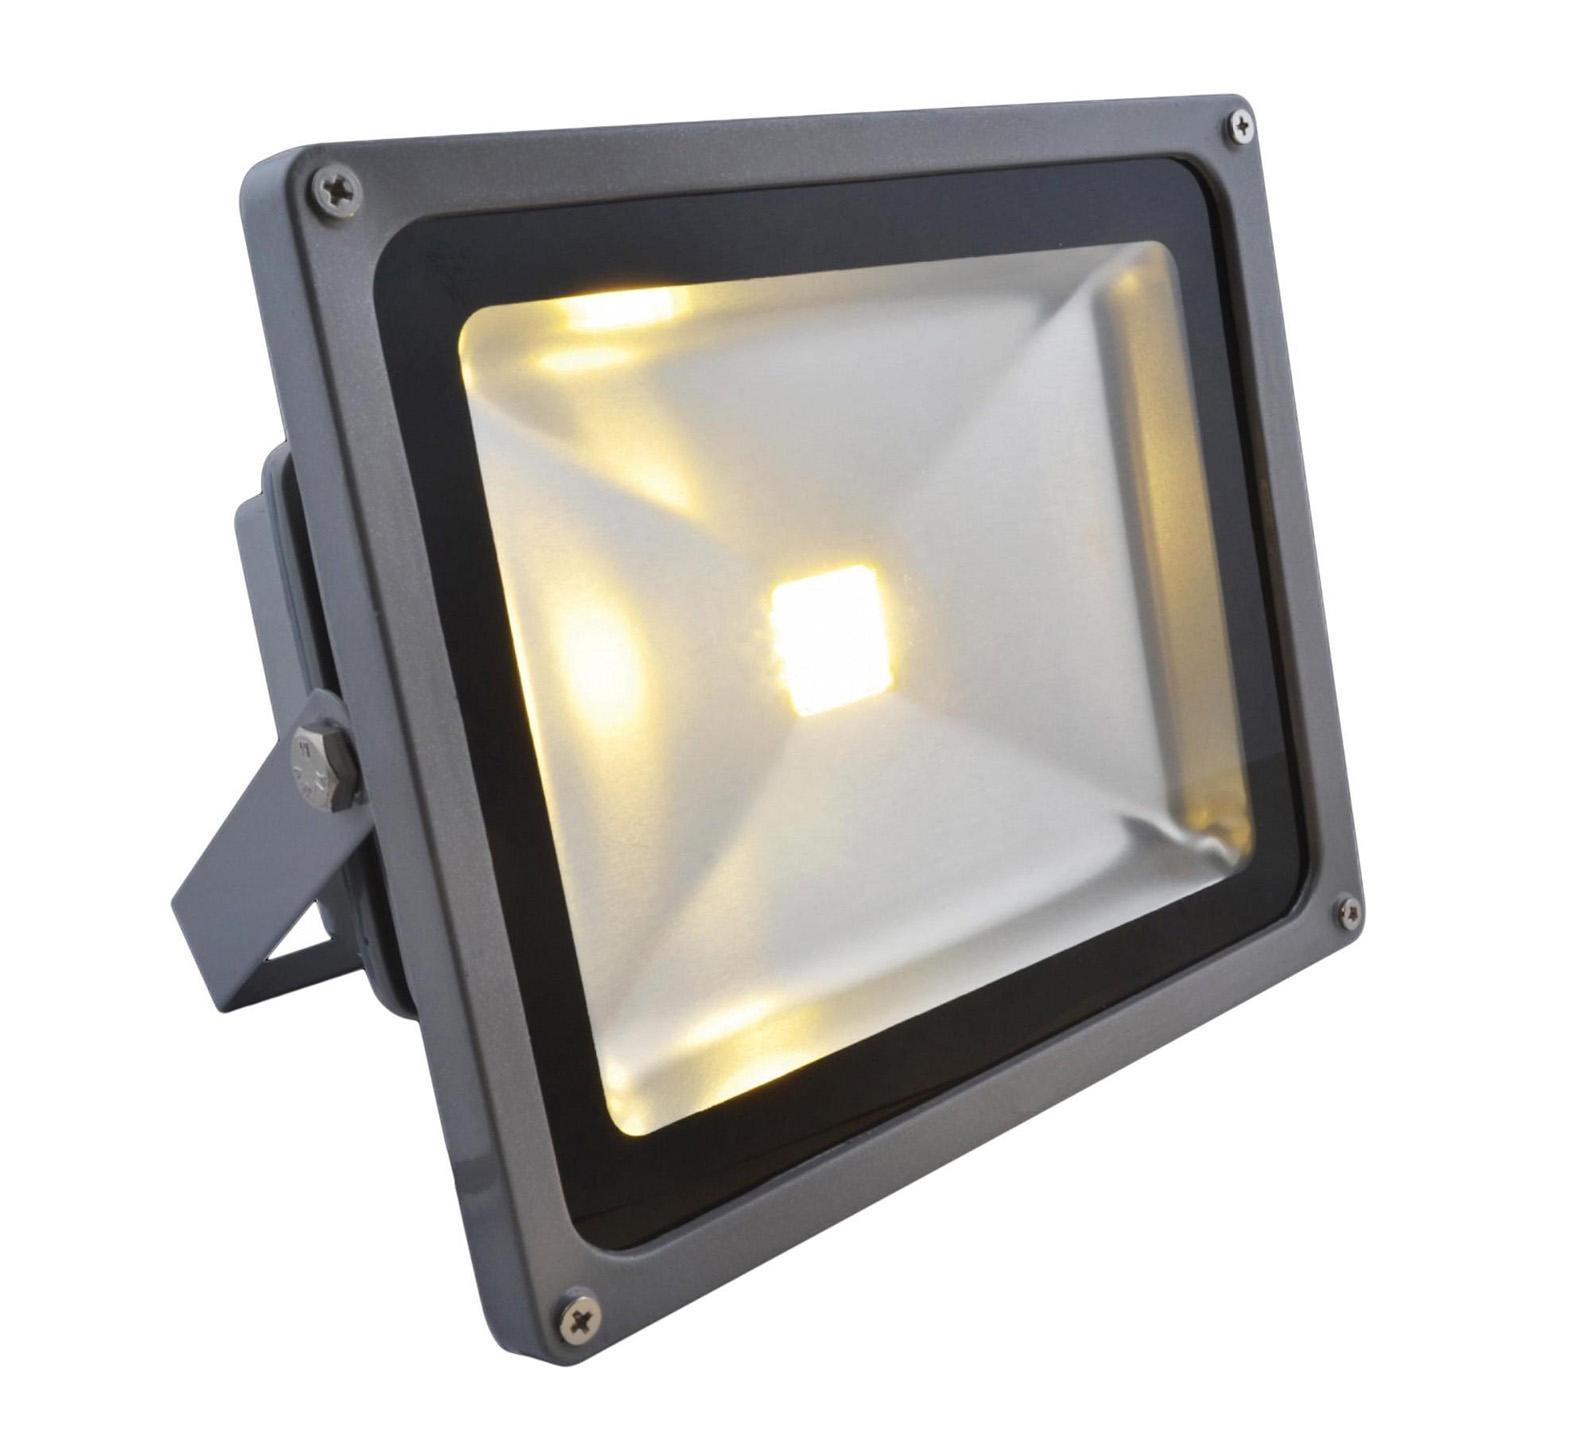 A2530AL-1GY FARETTO ������� ���������� - Arte LampA2530AL-1GYA2530AL-1GY FARETTO ������� ����������